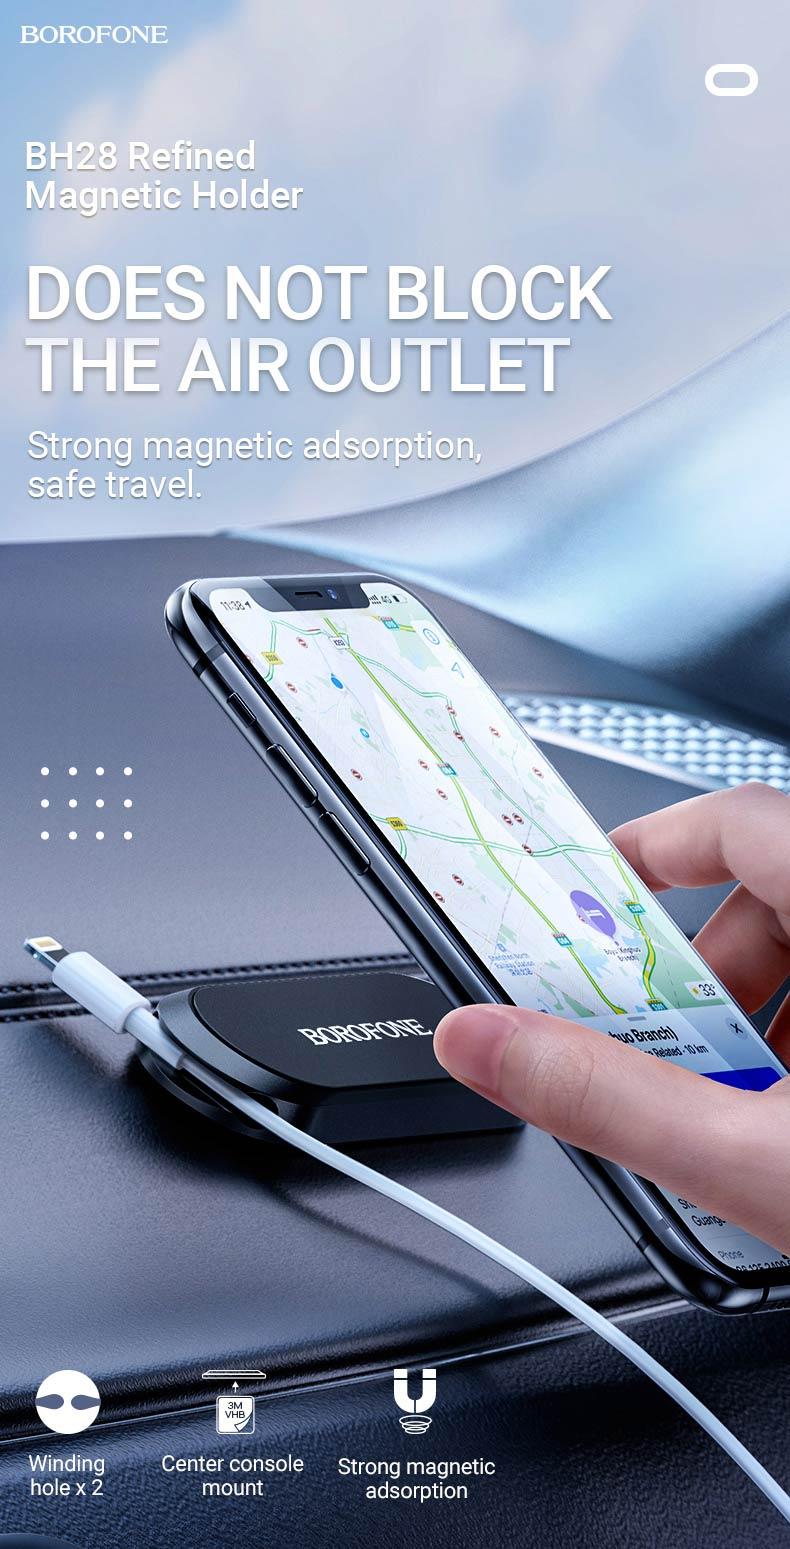 borofone news bh28 refined magnetic holder en